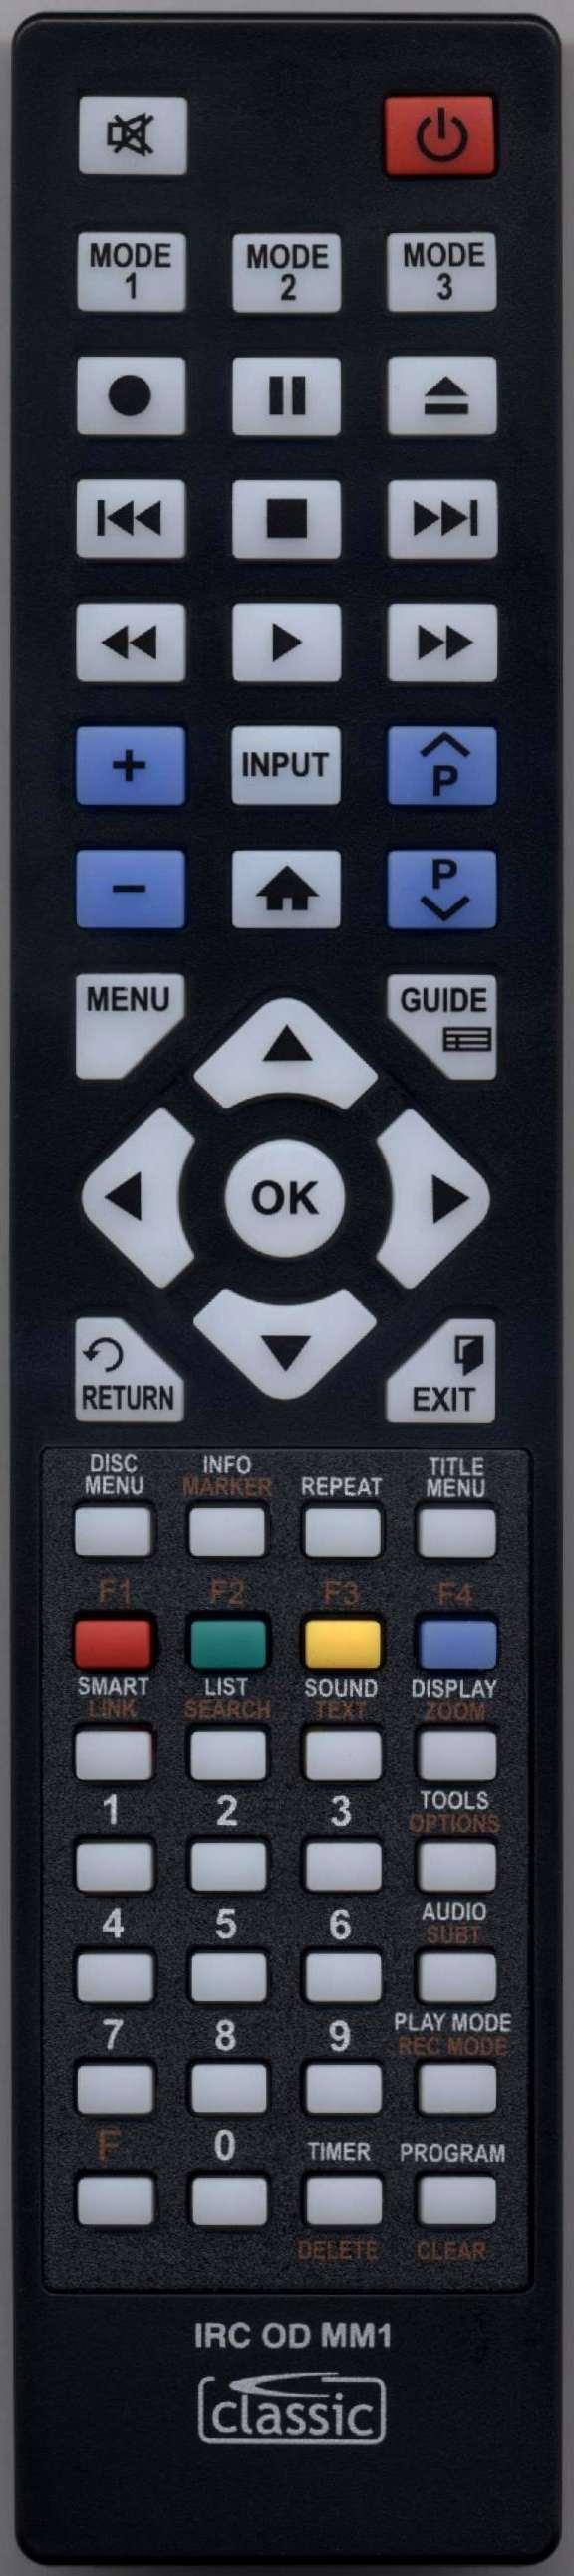 Matsui 076R0JY020 Remote Control Alternative